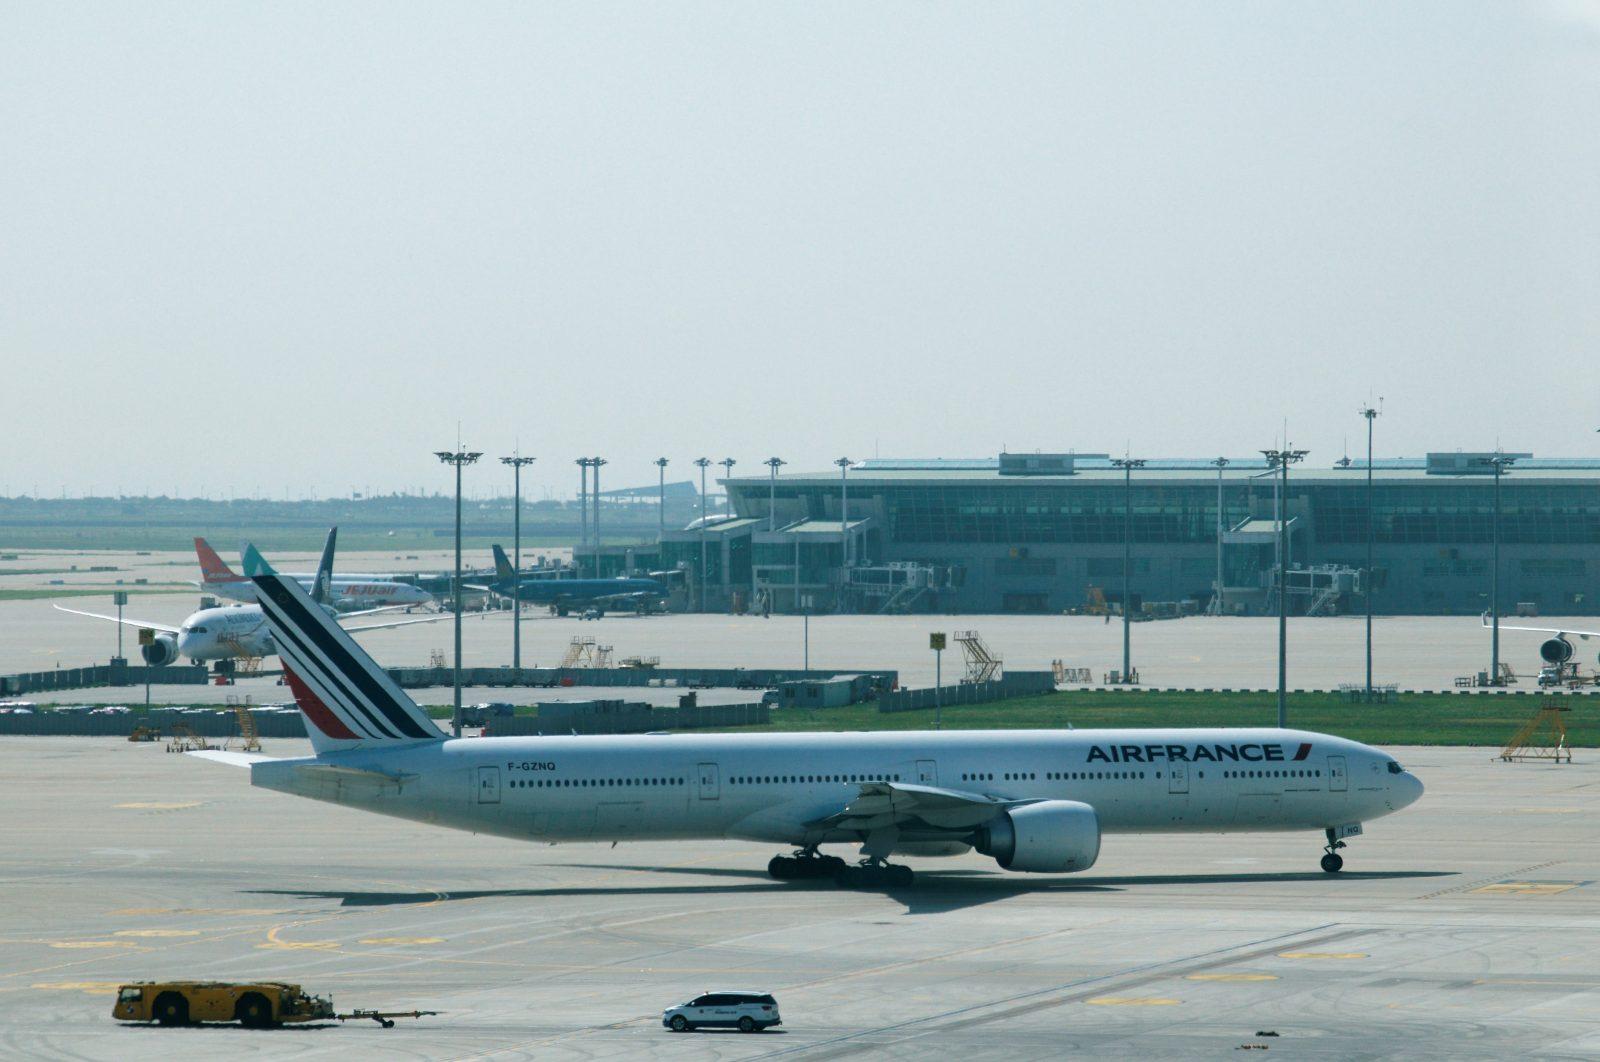 2018年7月航空旅行記 その18 仁川空港第2ターミナル展望台